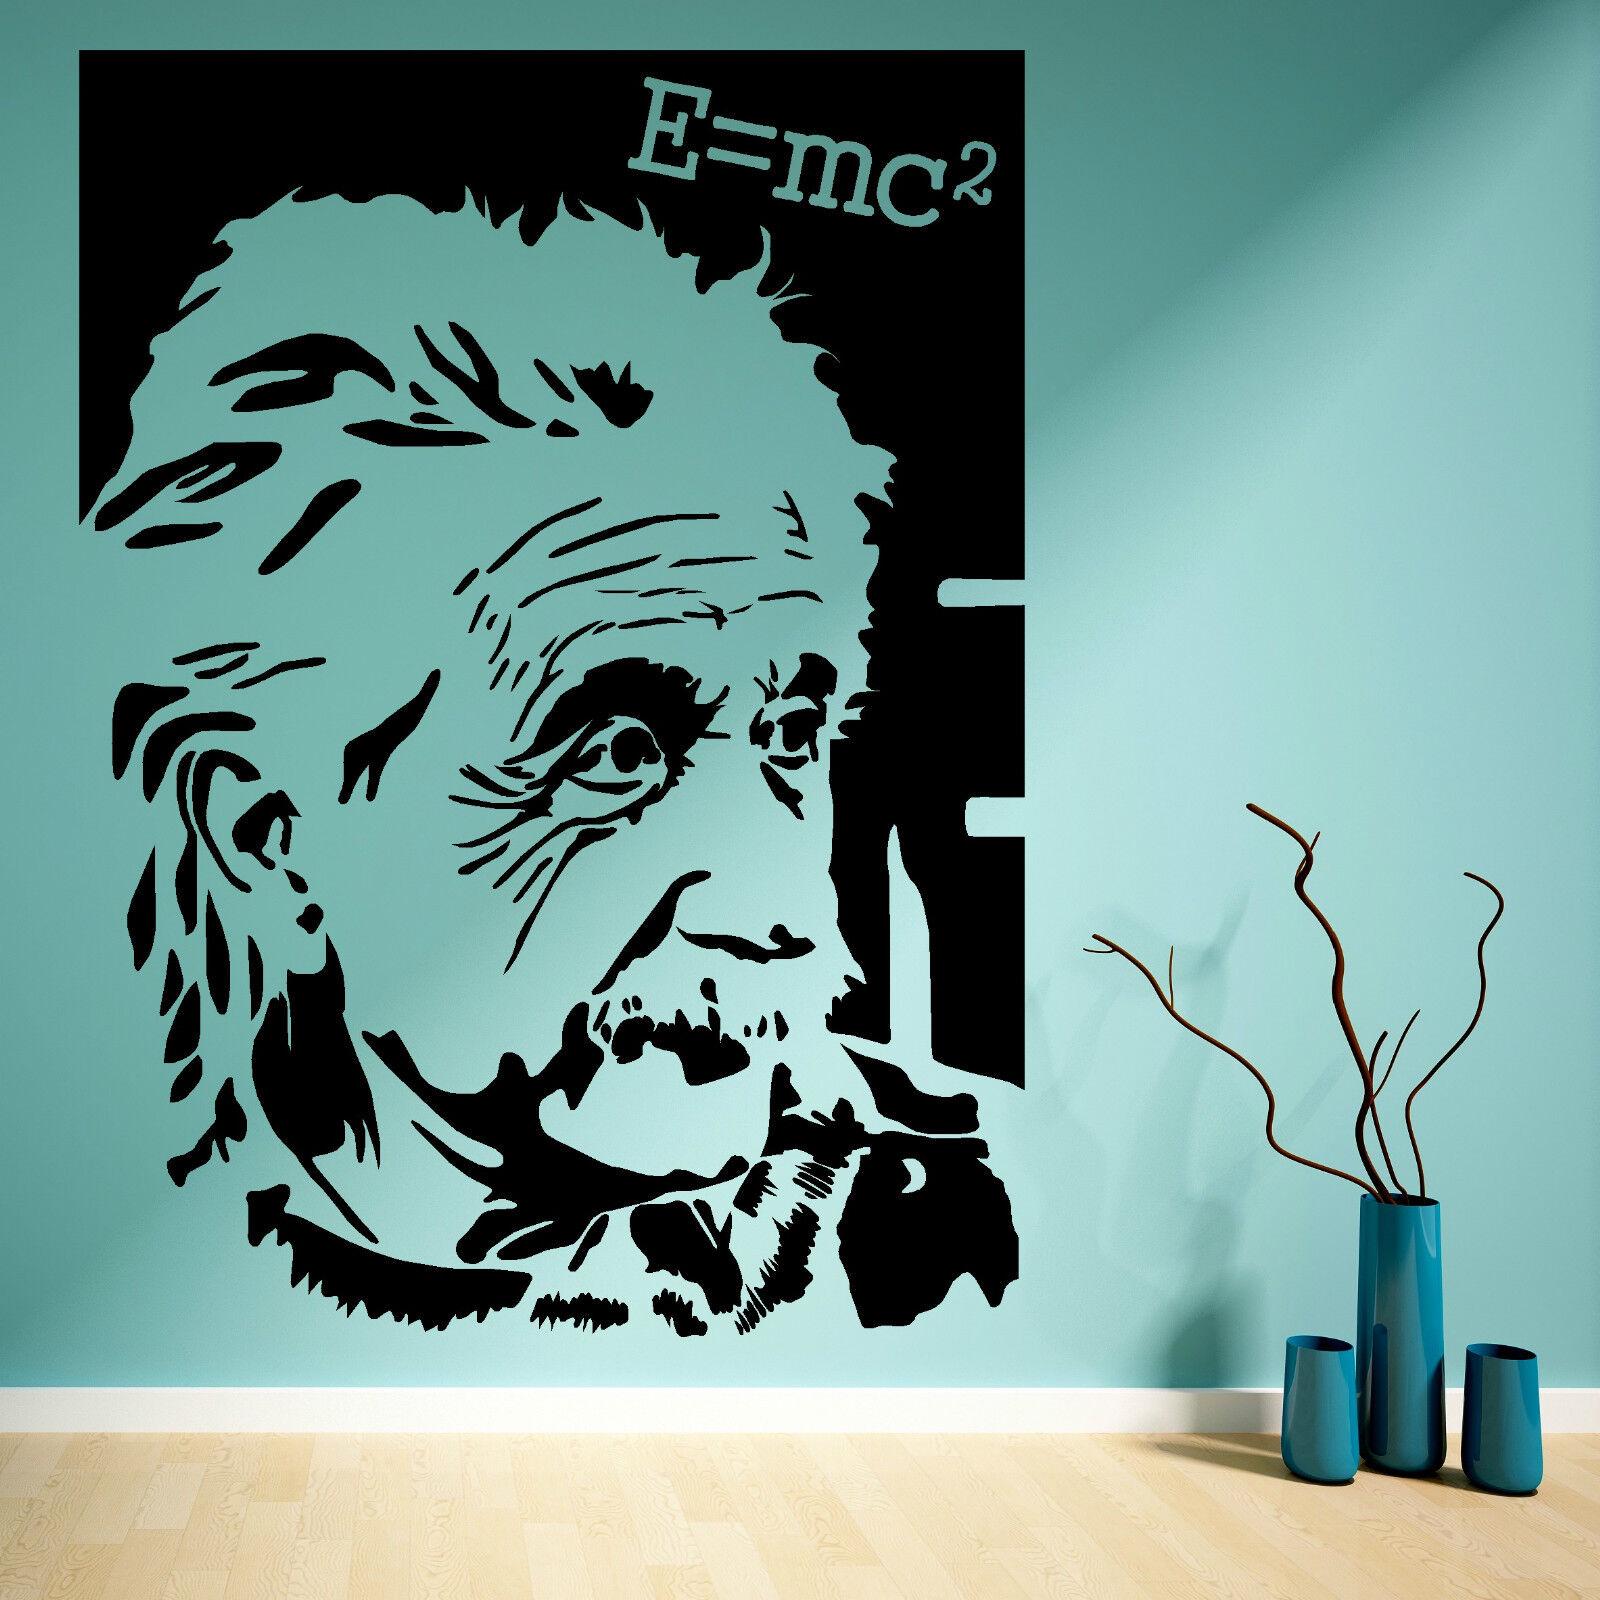 Albert Einstein E Mc2 Vinyl Wall Art Sticker Mural Decal